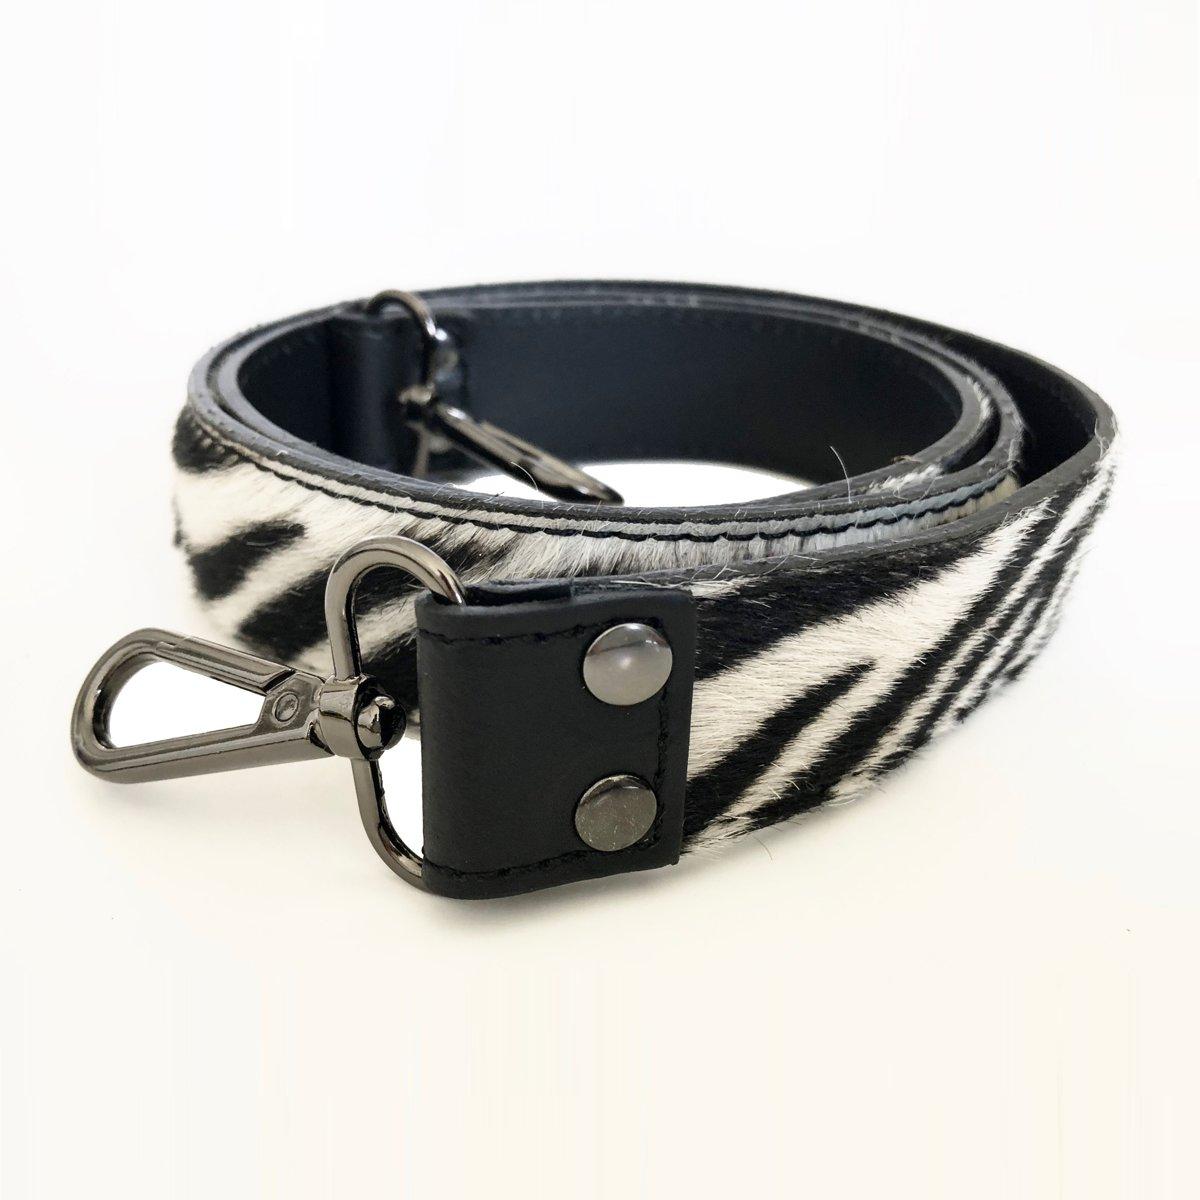 TOUTESTBELLE Schouderband, schouderriem tas, tassen riem los leer haar, vacht zebra